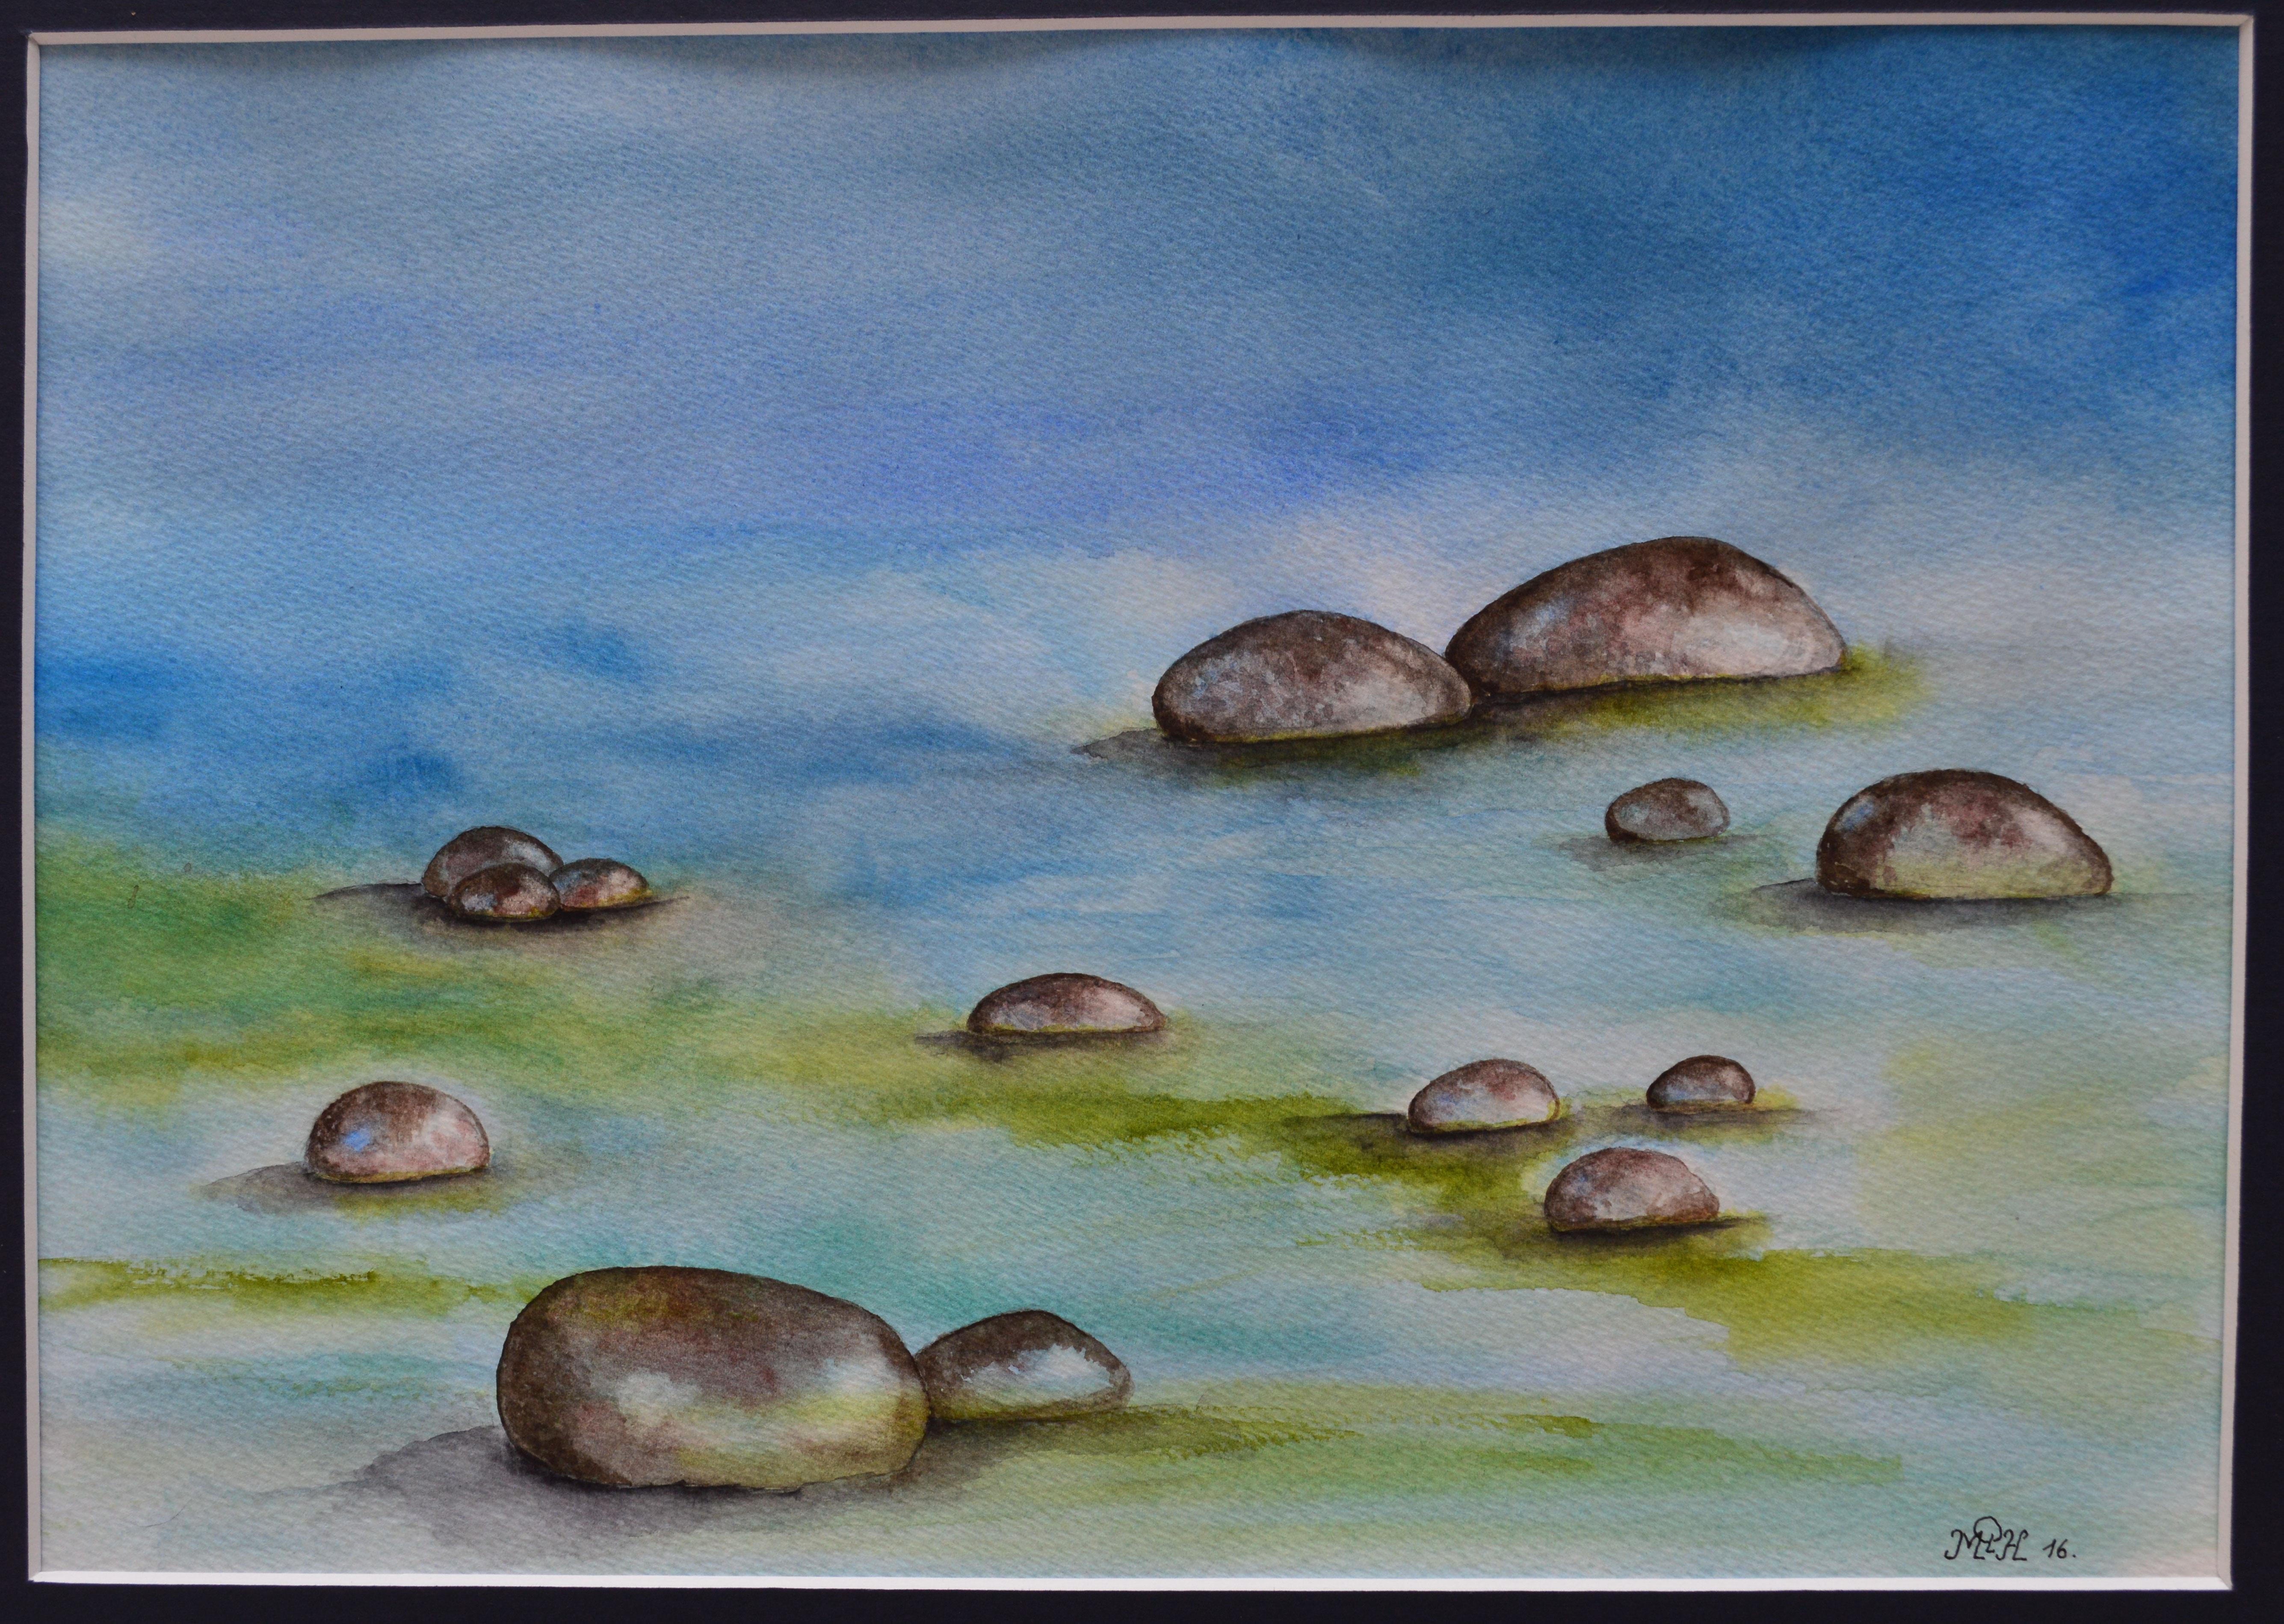 """Aquarelle n°83: """"Le ruisseau fredonne la bouche pleine de cailloux"""""""